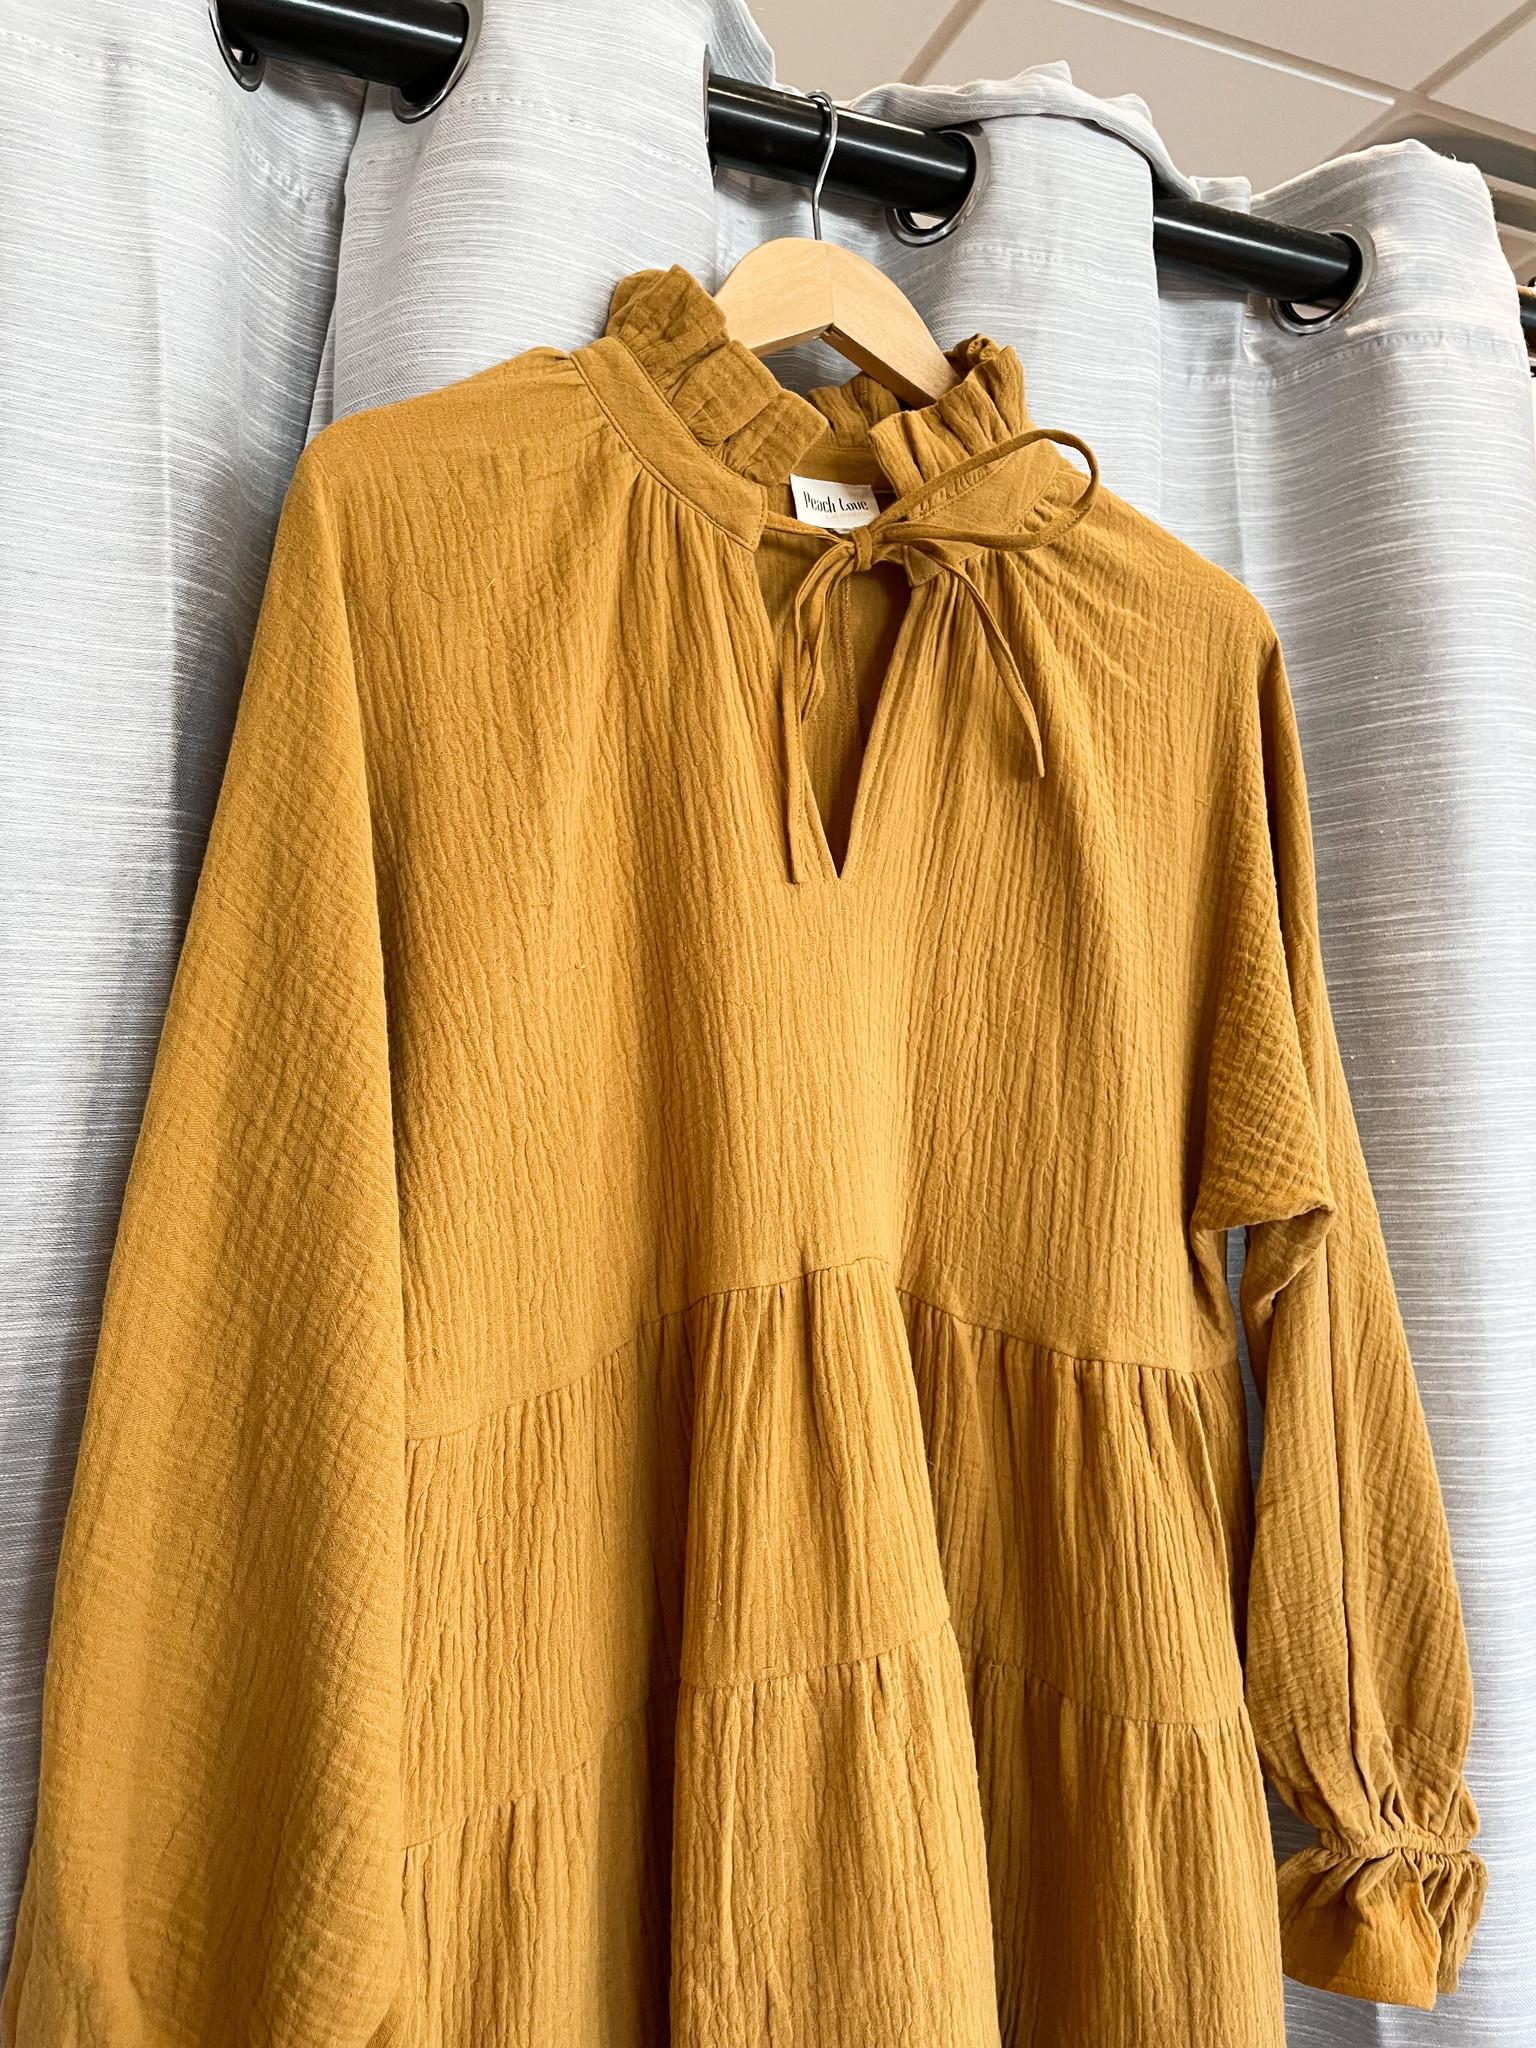 Peach Love California Butterscotch Dress w/ High Neck Detail